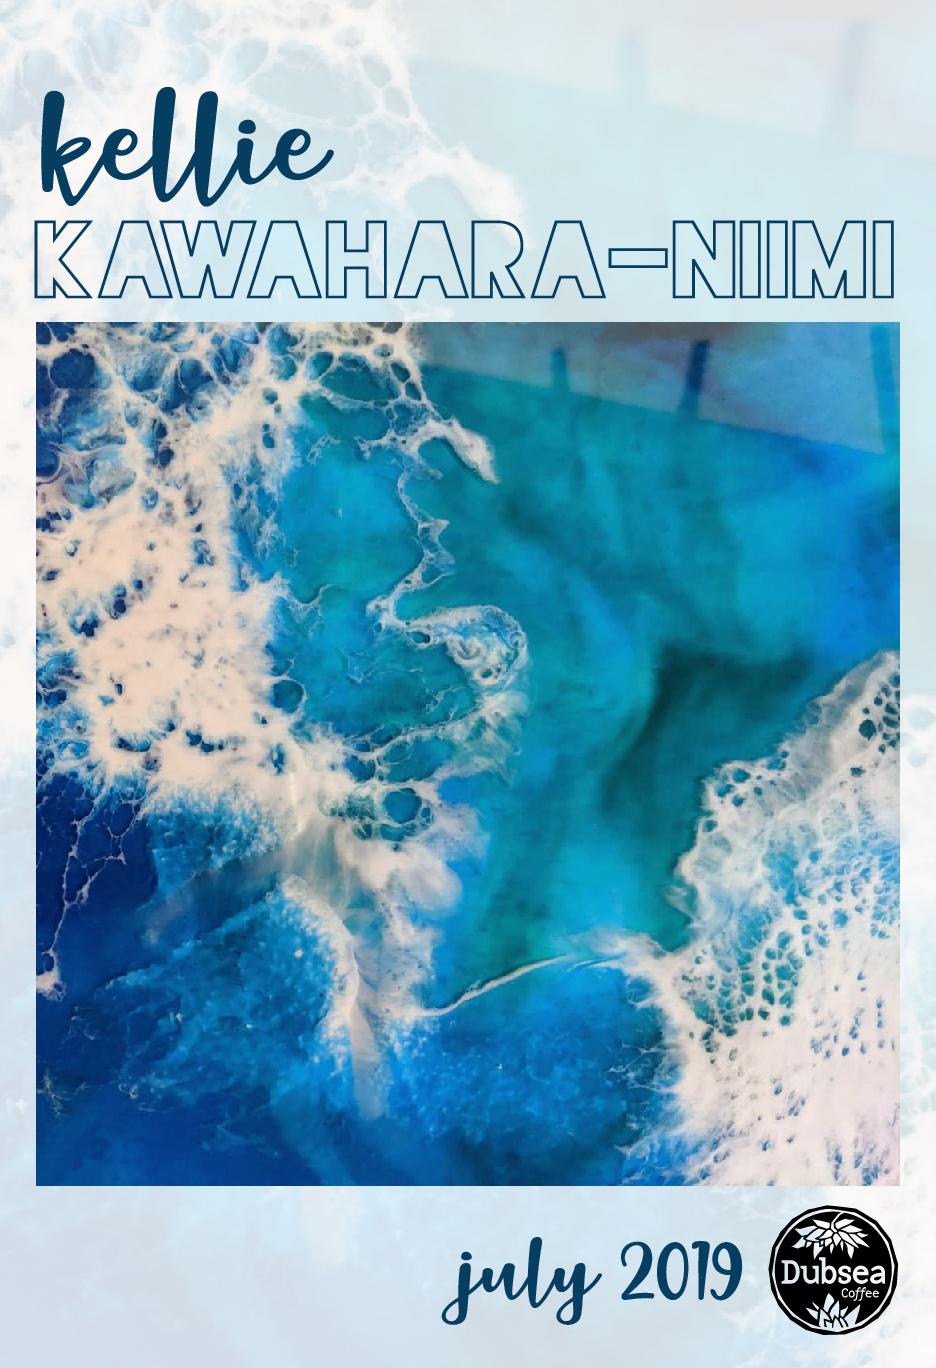 kelliekawahara-niimi-100.jpg